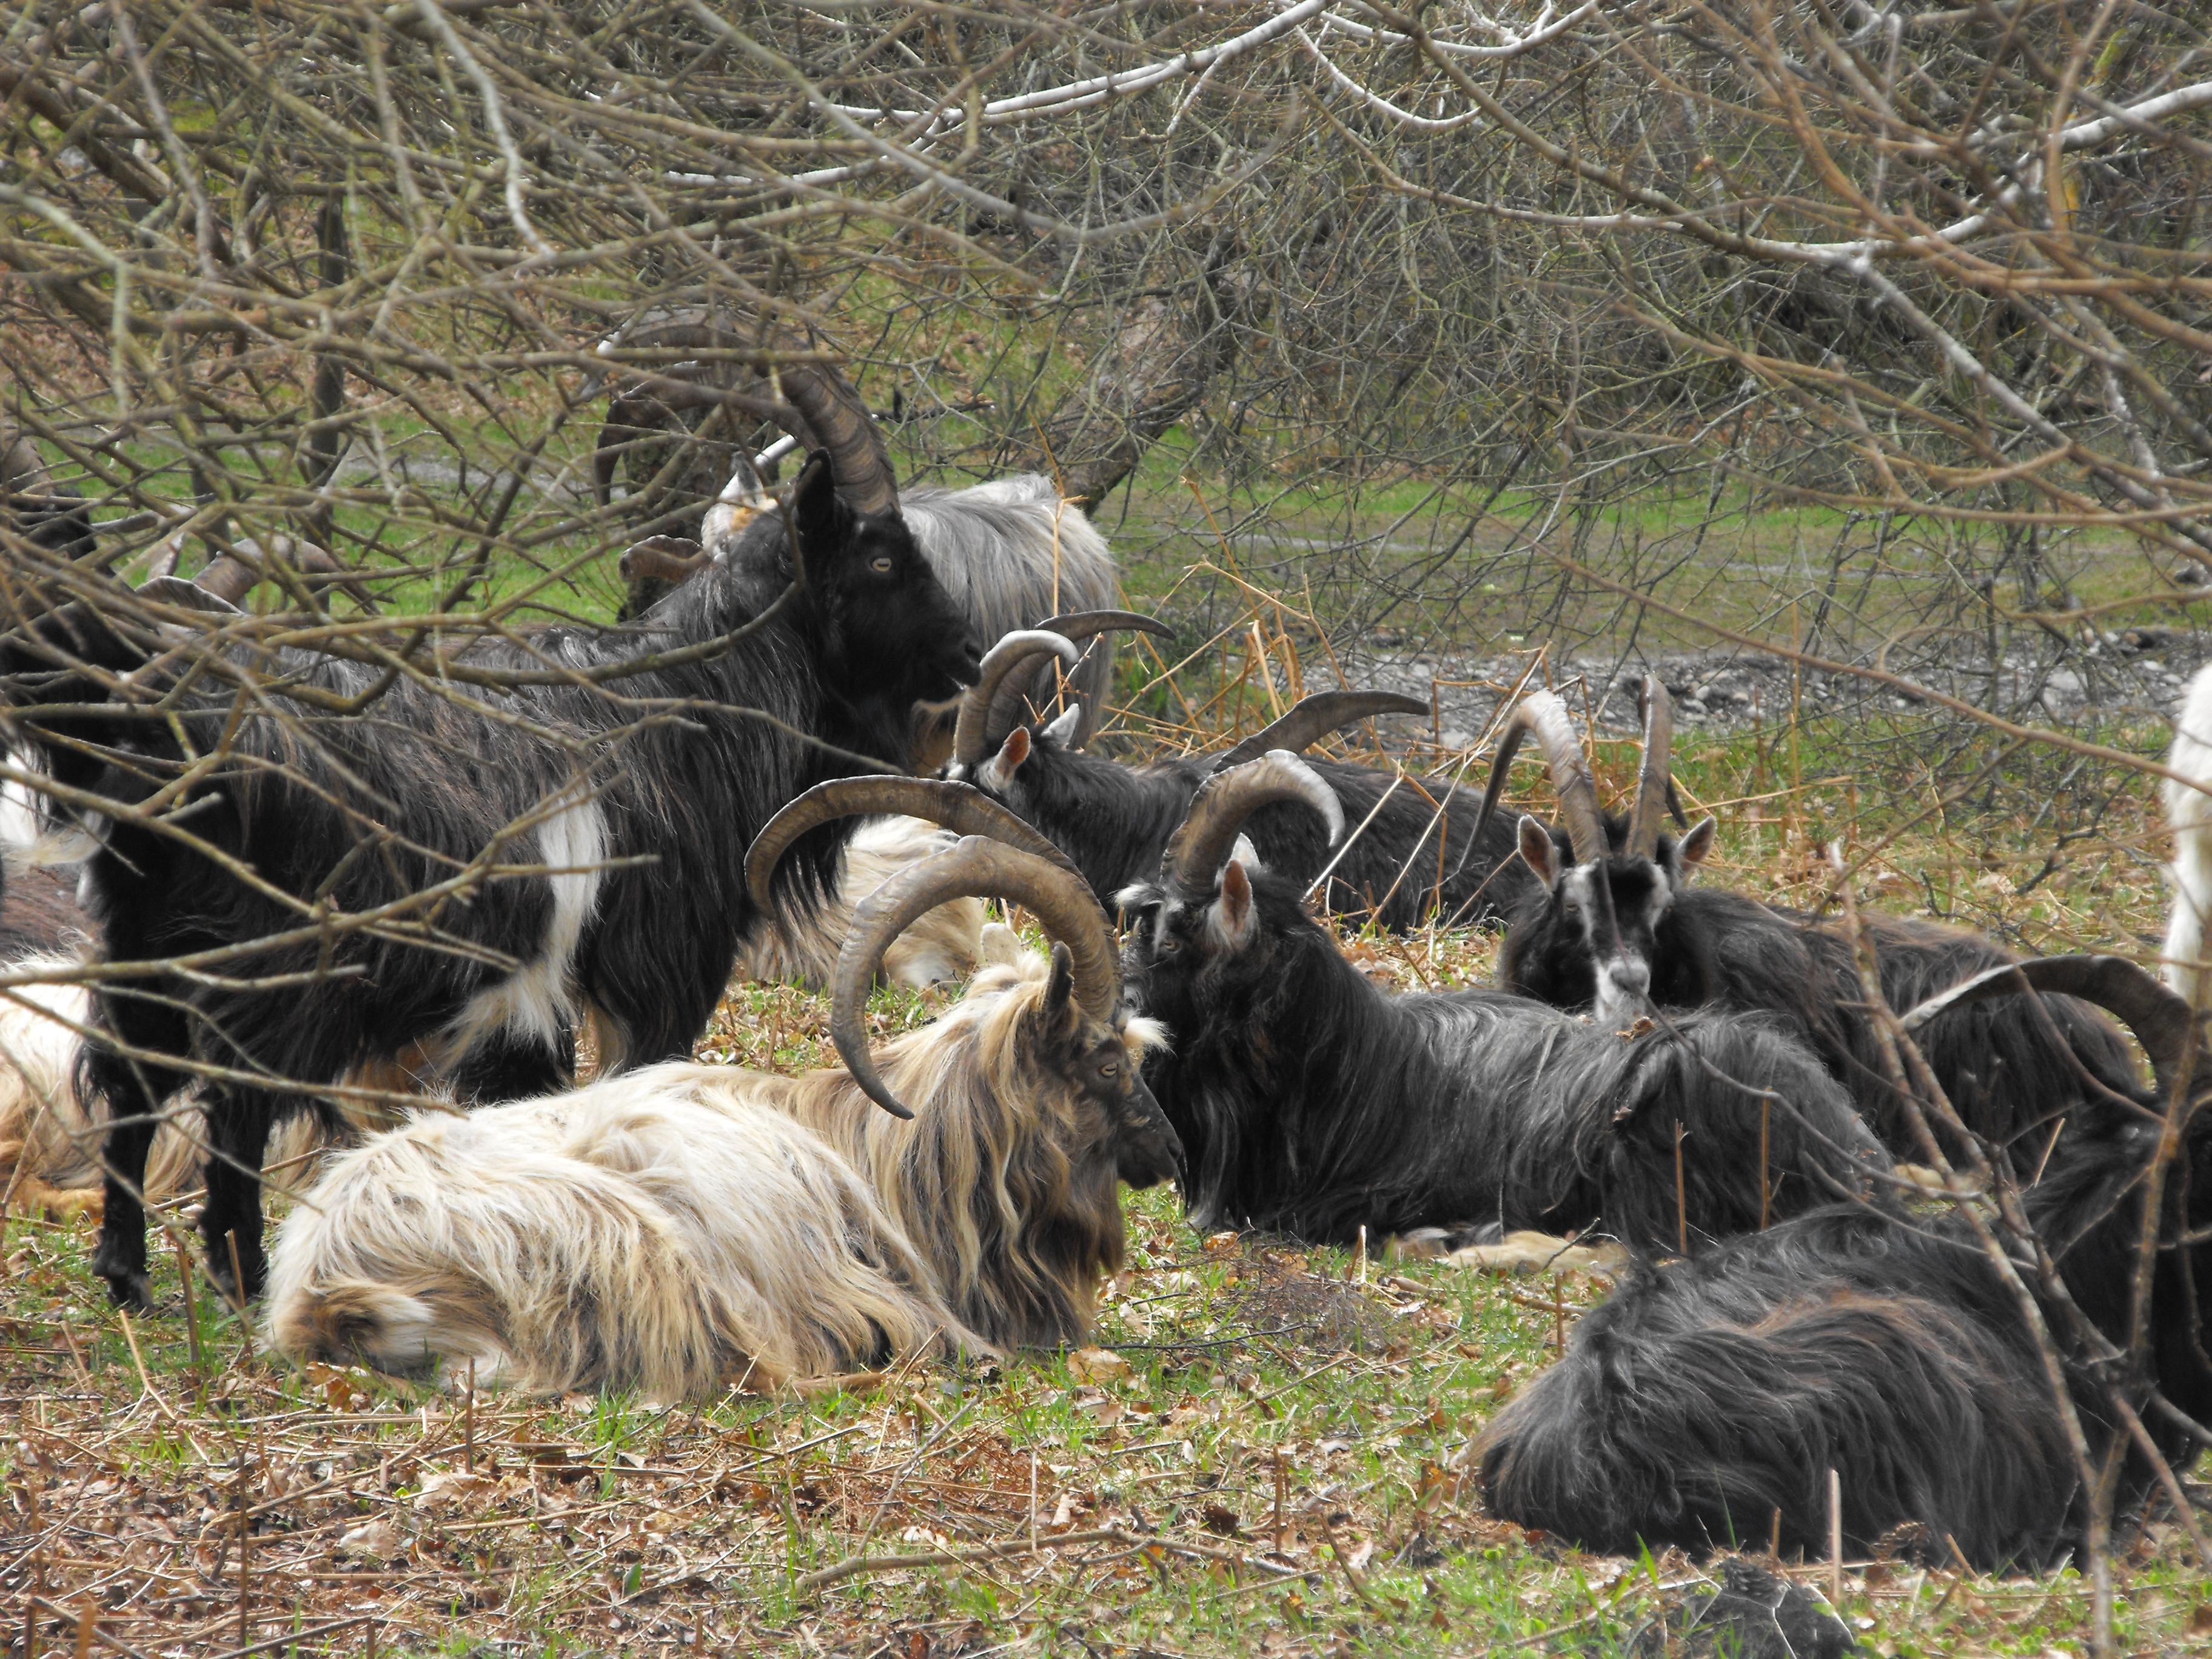 Irish goat - Wikipedia